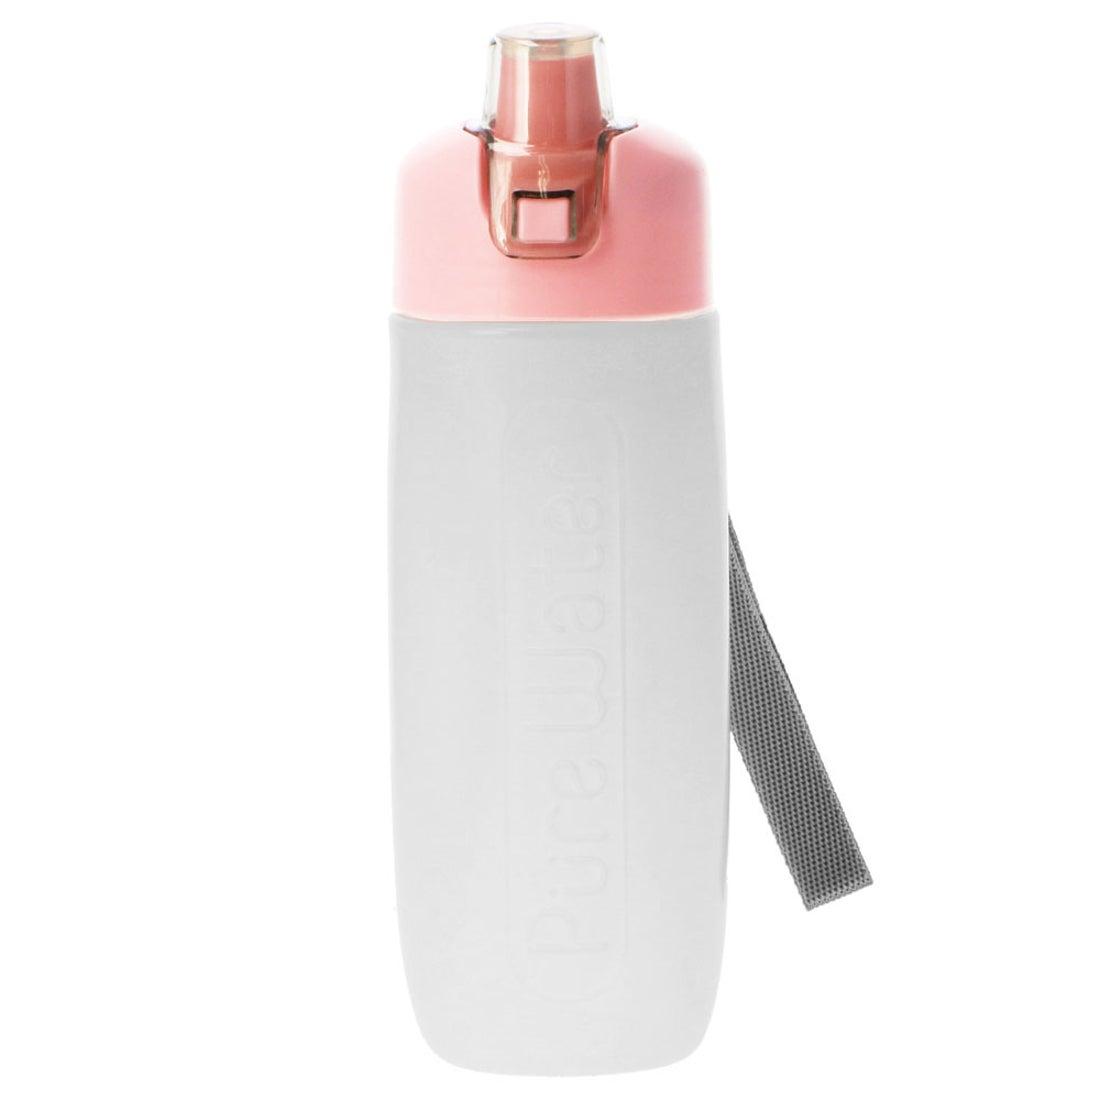 ノーブランド No Brand 携帯用浄水ボトル ピュアウォーター (ピンク)